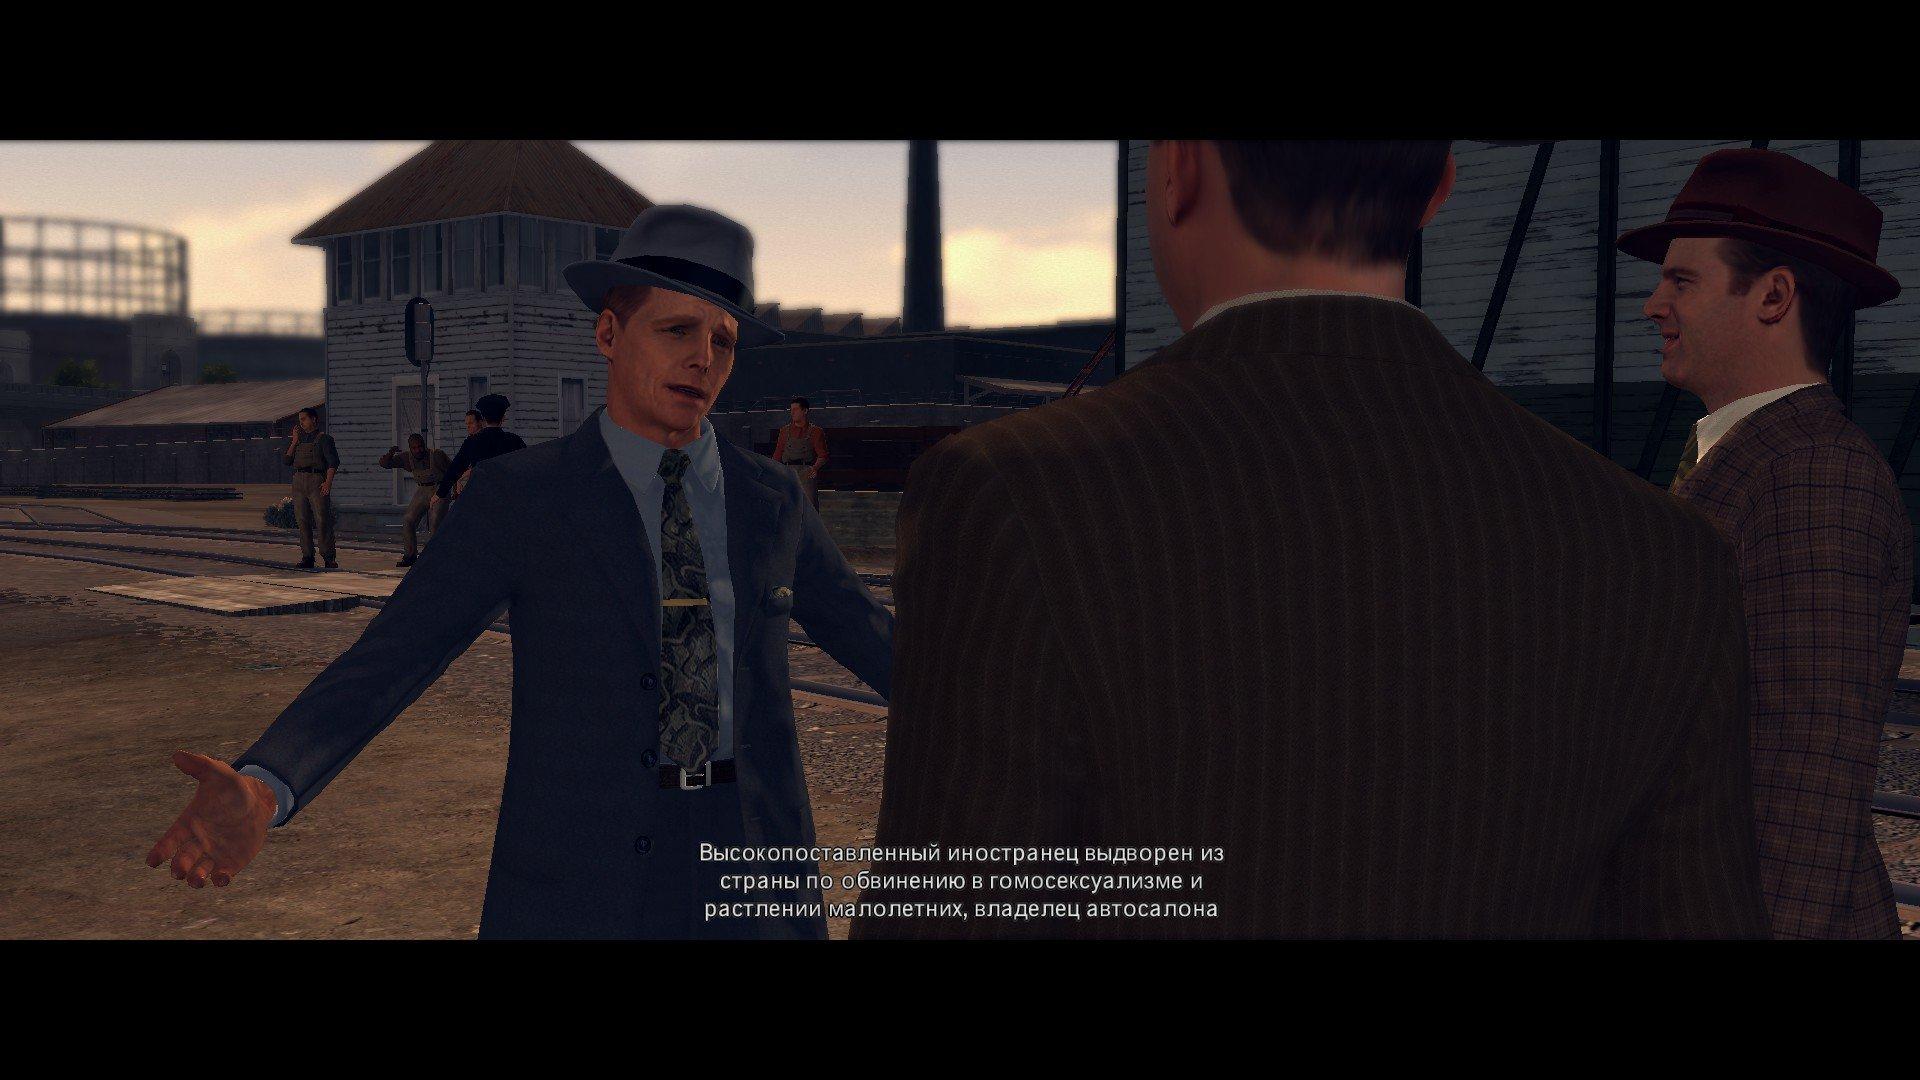 Пост-прохождение L.A. Noire Часть 6. - Изображение 40